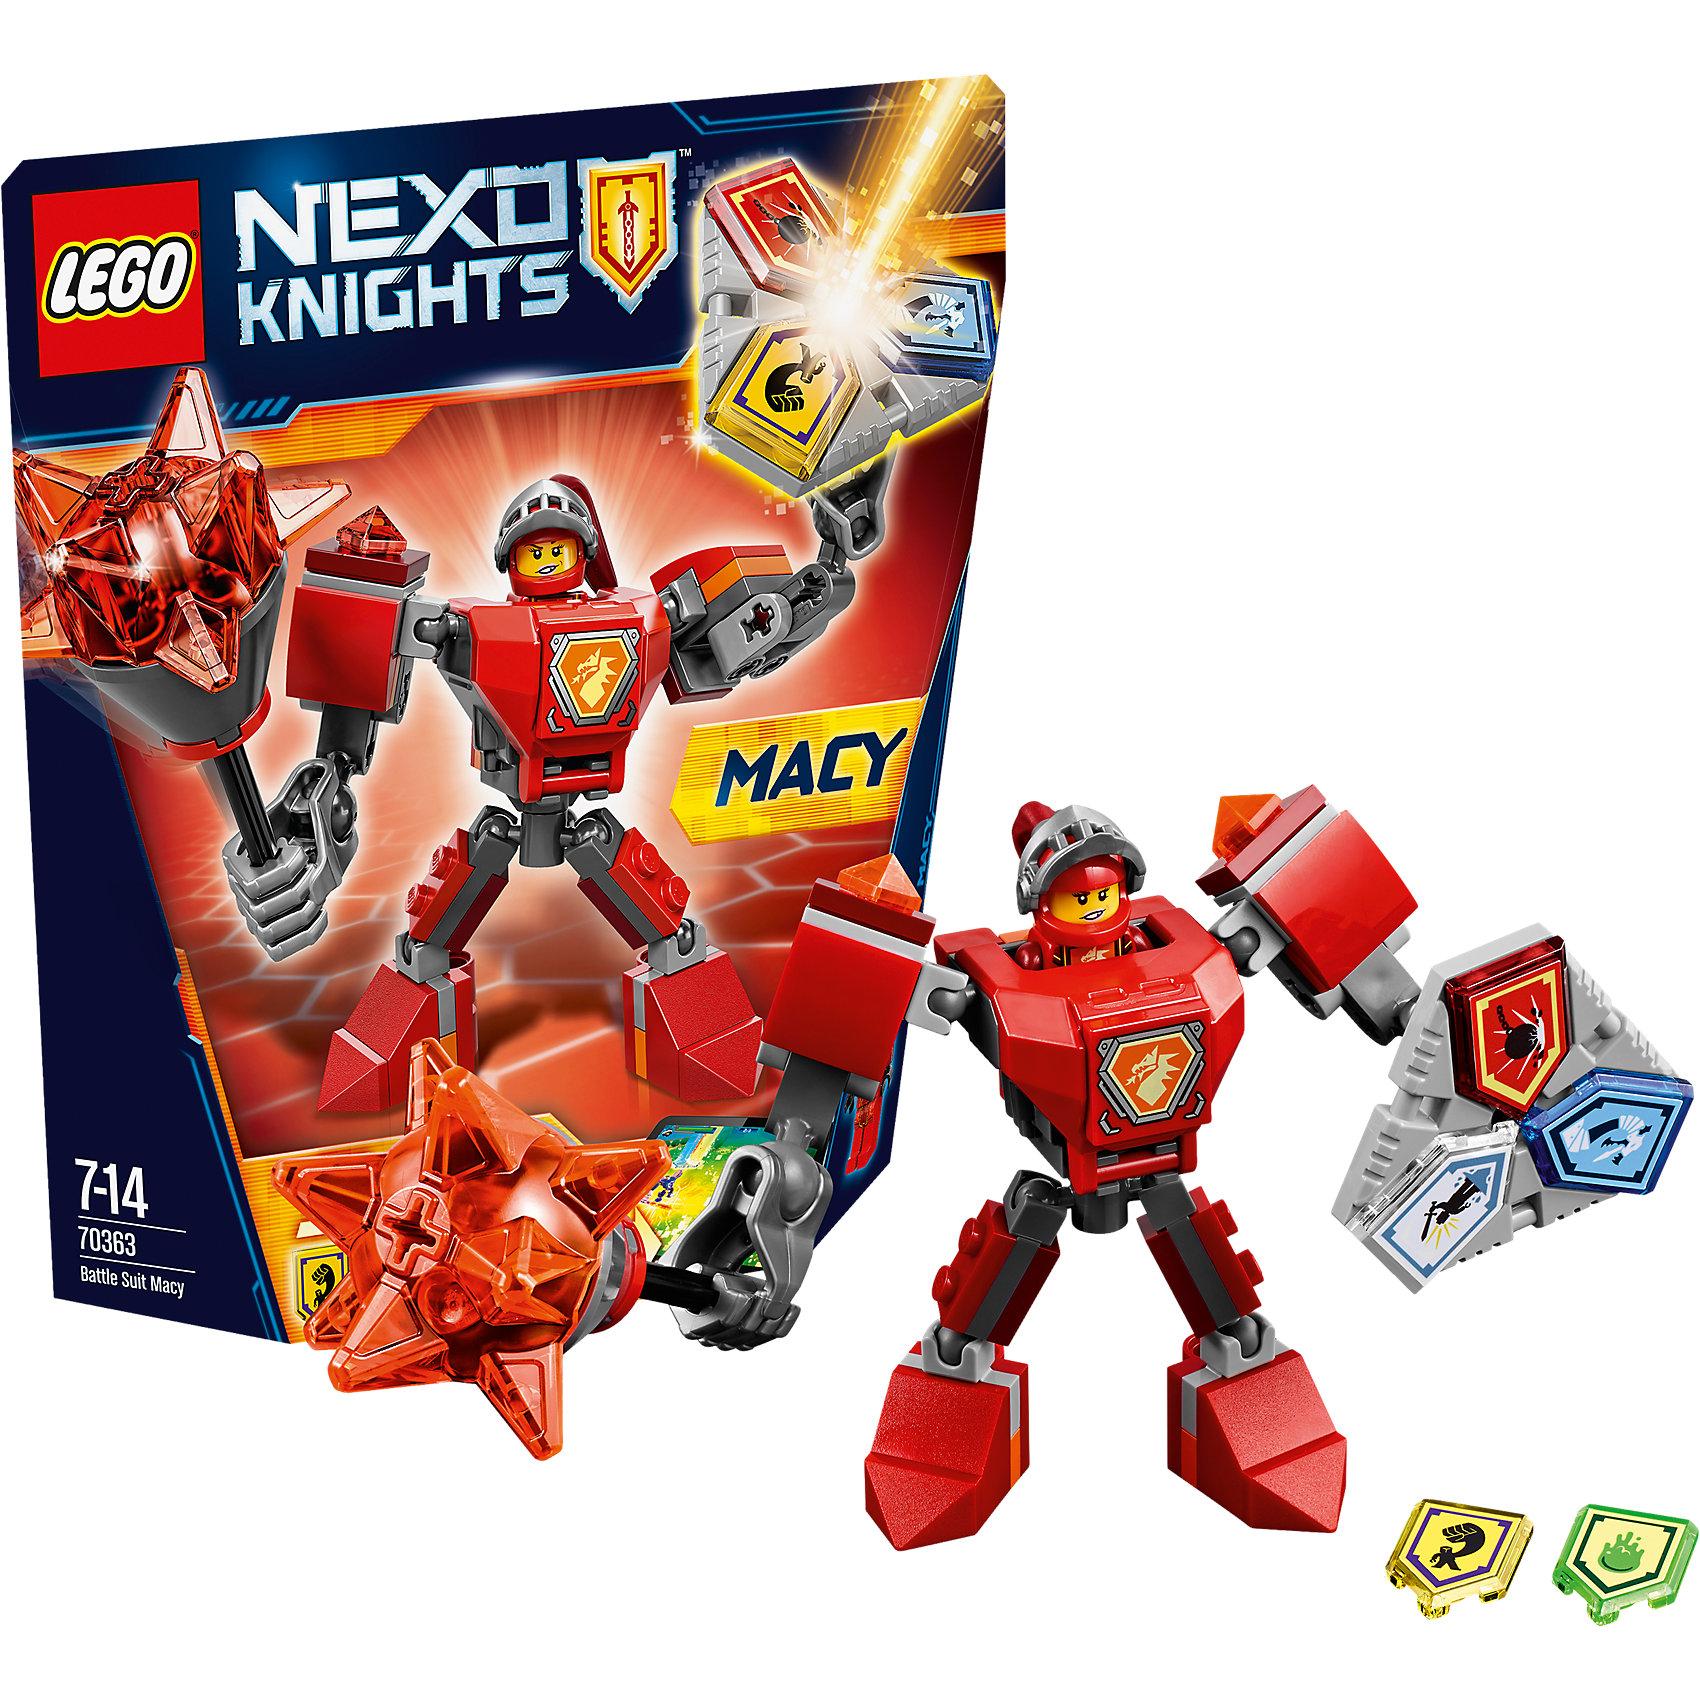 LEGO NEXO KNIGHTS 70363: Боевые доспехи МэйсиКонструкторы Лего<br>LEGO NEXO KNIGHTS 70363: Боевые доспехи Мэйси<br><br>Характеристики:<br><br>- в набор входит: доспехи, фигурка, 5 защитных сил, красочная инструкция<br>- состав: пластик<br>- количество деталей: 66<br>- размер коробки: 20 * 5,5 * 19 см.<br>- высота доспеха: 9 см.<br>- для детей в возрасте: от 7 до 14 лет<br>- Страна производитель: Дания/Китай/Чехия<br><br>Легендарный конструктор LEGO (ЛЕГО) представляет серию «NEXO KNIGHTS» (Нэксо Найтс) по сюжету одноименного мультсериала. Серия понравится любителям средневековья благодаря рыцарям, принцессам, монстрам и ужасным злодеям. Рыцарь-девушка Мейси получила свои новые боевые доспехи. Прекрасное сочетание темно-серого, красного и оранжевого цветов отлично ей подходят. Доспех на шарнирах и позволяет свободно двигать руками и ногами в плечах, локтях, коленях, бедрах и торсе. Прочный щит содержит сразу три силы, а мощная и яркая булава с прозрачными деталями станет отличной помощницей в битве. Изображенный на груди герб Мейси является особенностью доспеха. Фигурка Мейси входит в комплект и отлично детализирована. Съемный шлем выглядит очень правдоподобно, а забрало поднимается и опускается. К доспеху можно будет прикрепить детали LEGO NEXO KNIGHTS, которые выйдут во втором полугодии 2017 года. Помогай рыцарям бороться с каменными монстрами с помощью прогресса и невероятной Нексо силы!<br><br>Конструктор LEGO NEXO KNIGHTS 70363: Боевые доспехи Мэйси можно купить в нашем интернет-магазине.<br><br>Ширина мм: 208<br>Глубина мм: 182<br>Высота мм: 50<br>Вес г: 119<br>Возраст от месяцев: 84<br>Возраст до месяцев: 168<br>Пол: Мужской<br>Возраст: Детский<br>SKU: 5002427